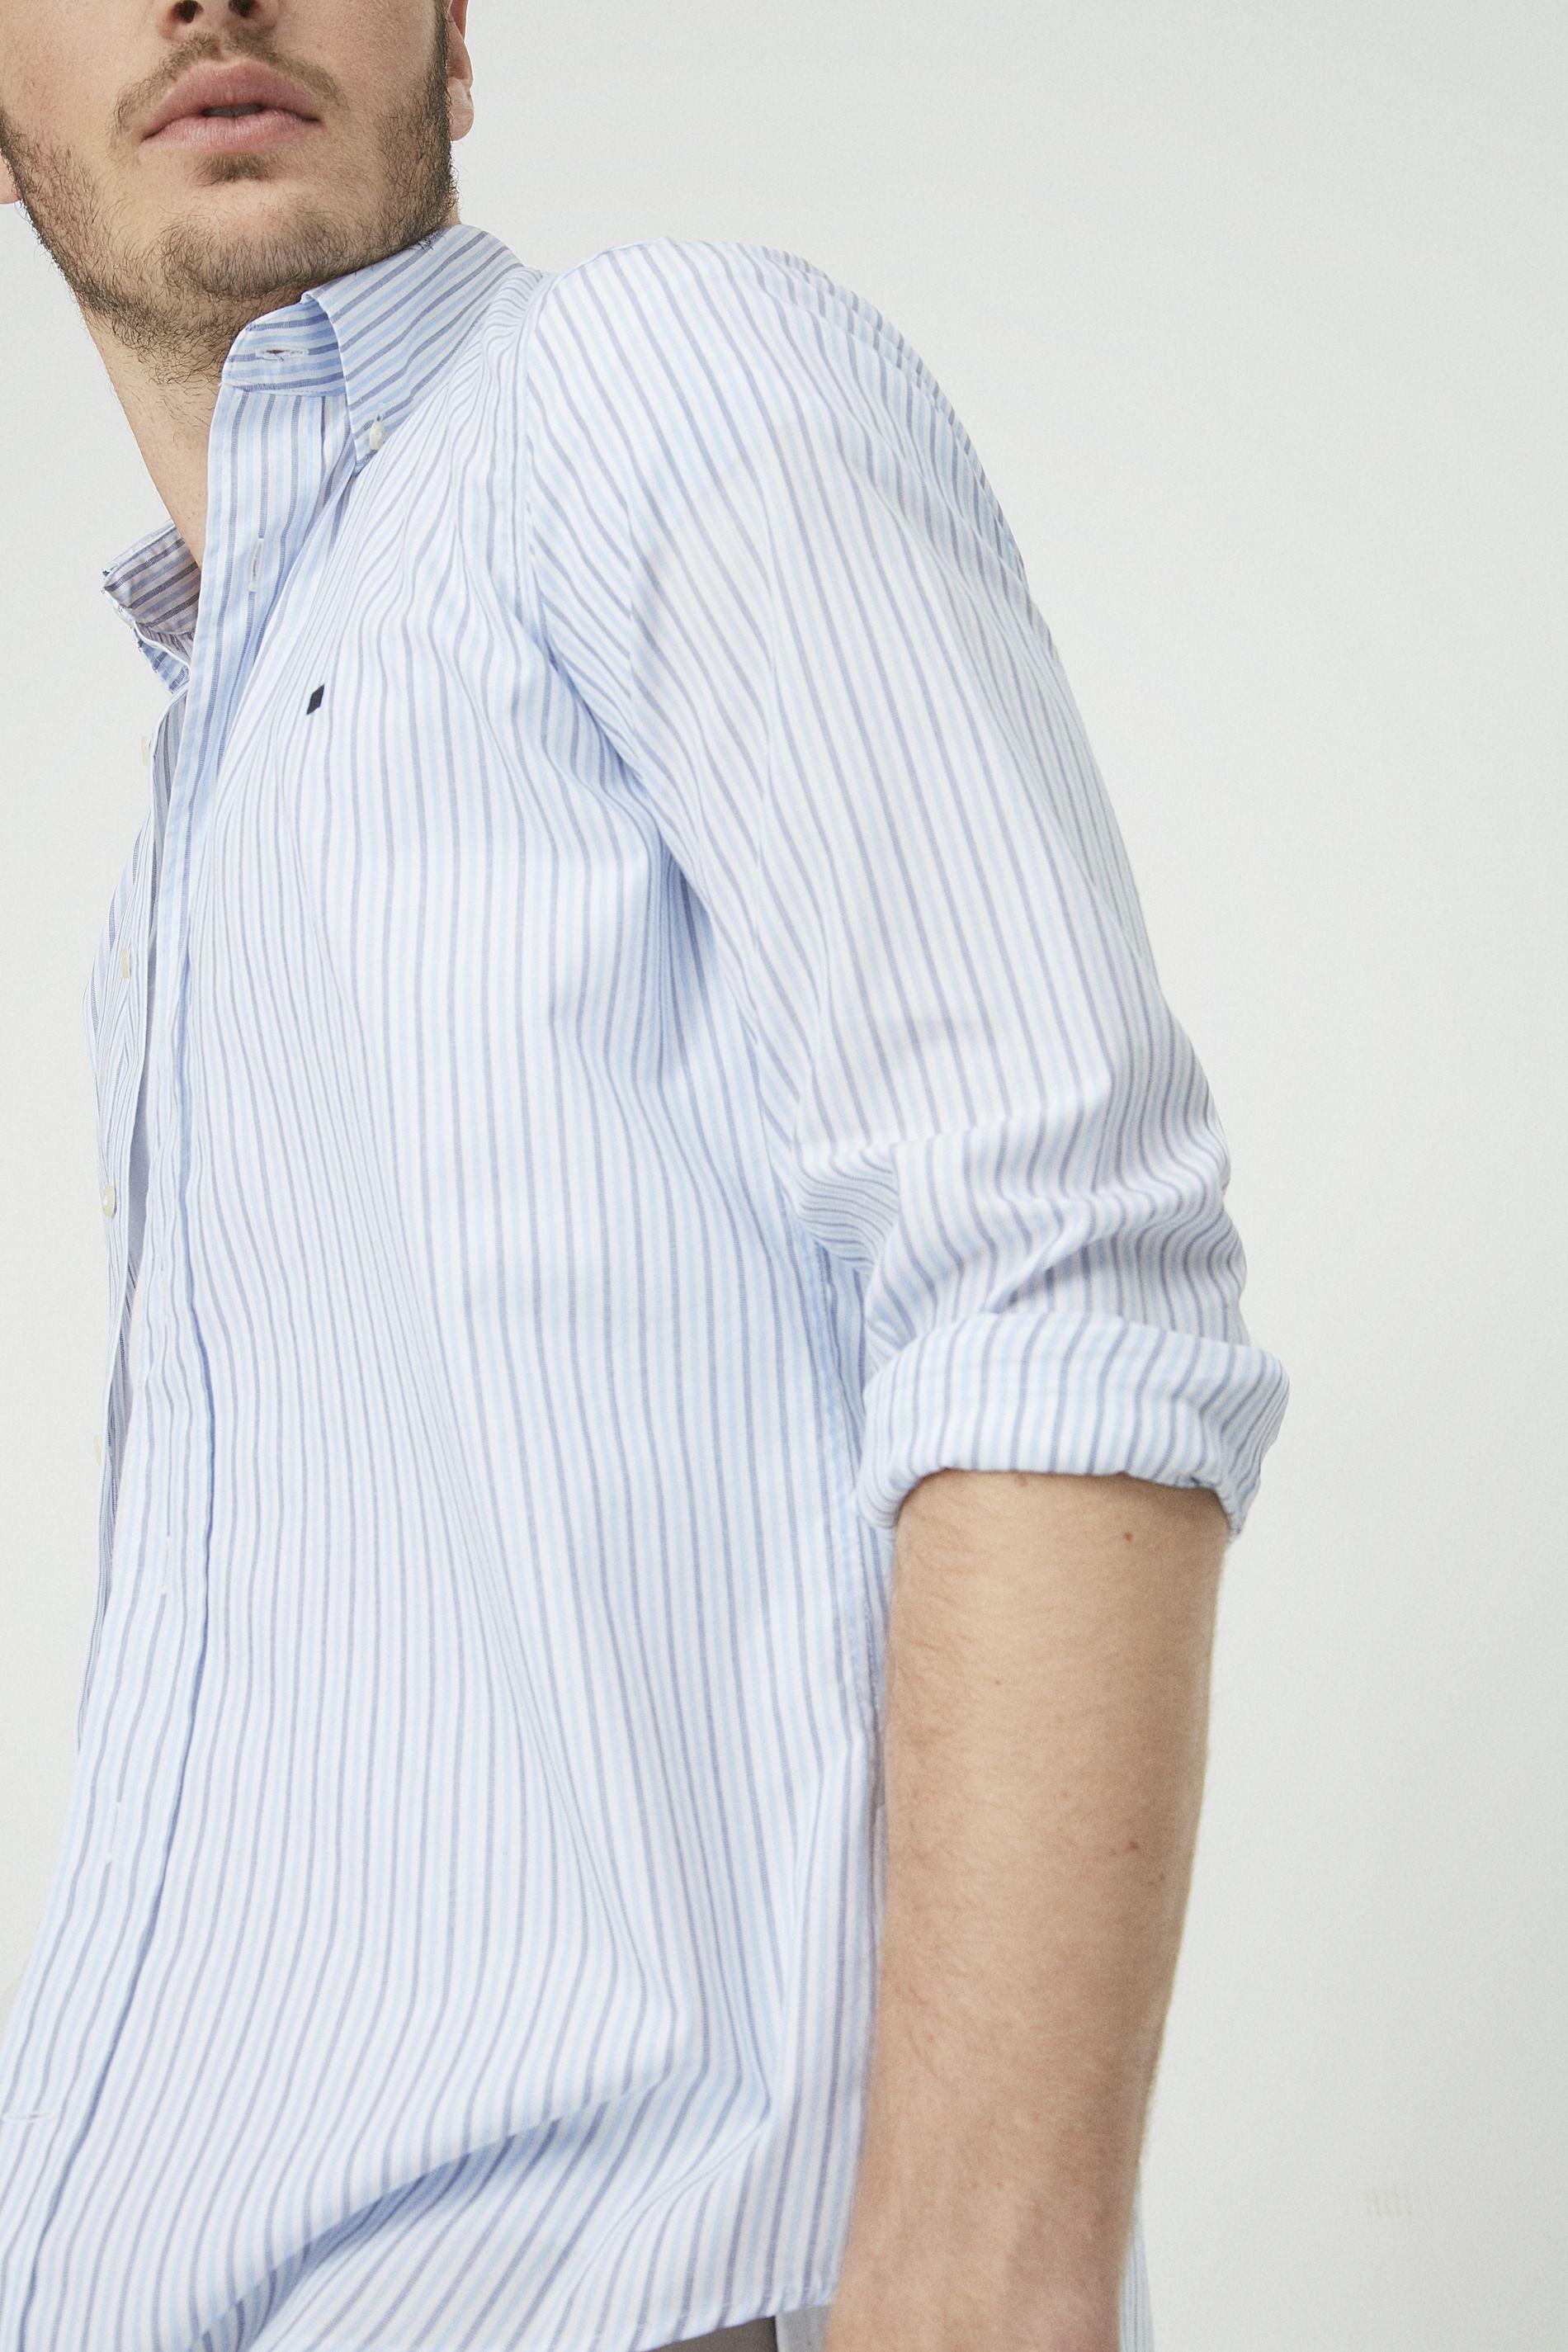 Camisa rayas bicolor  c885b0e34c98c